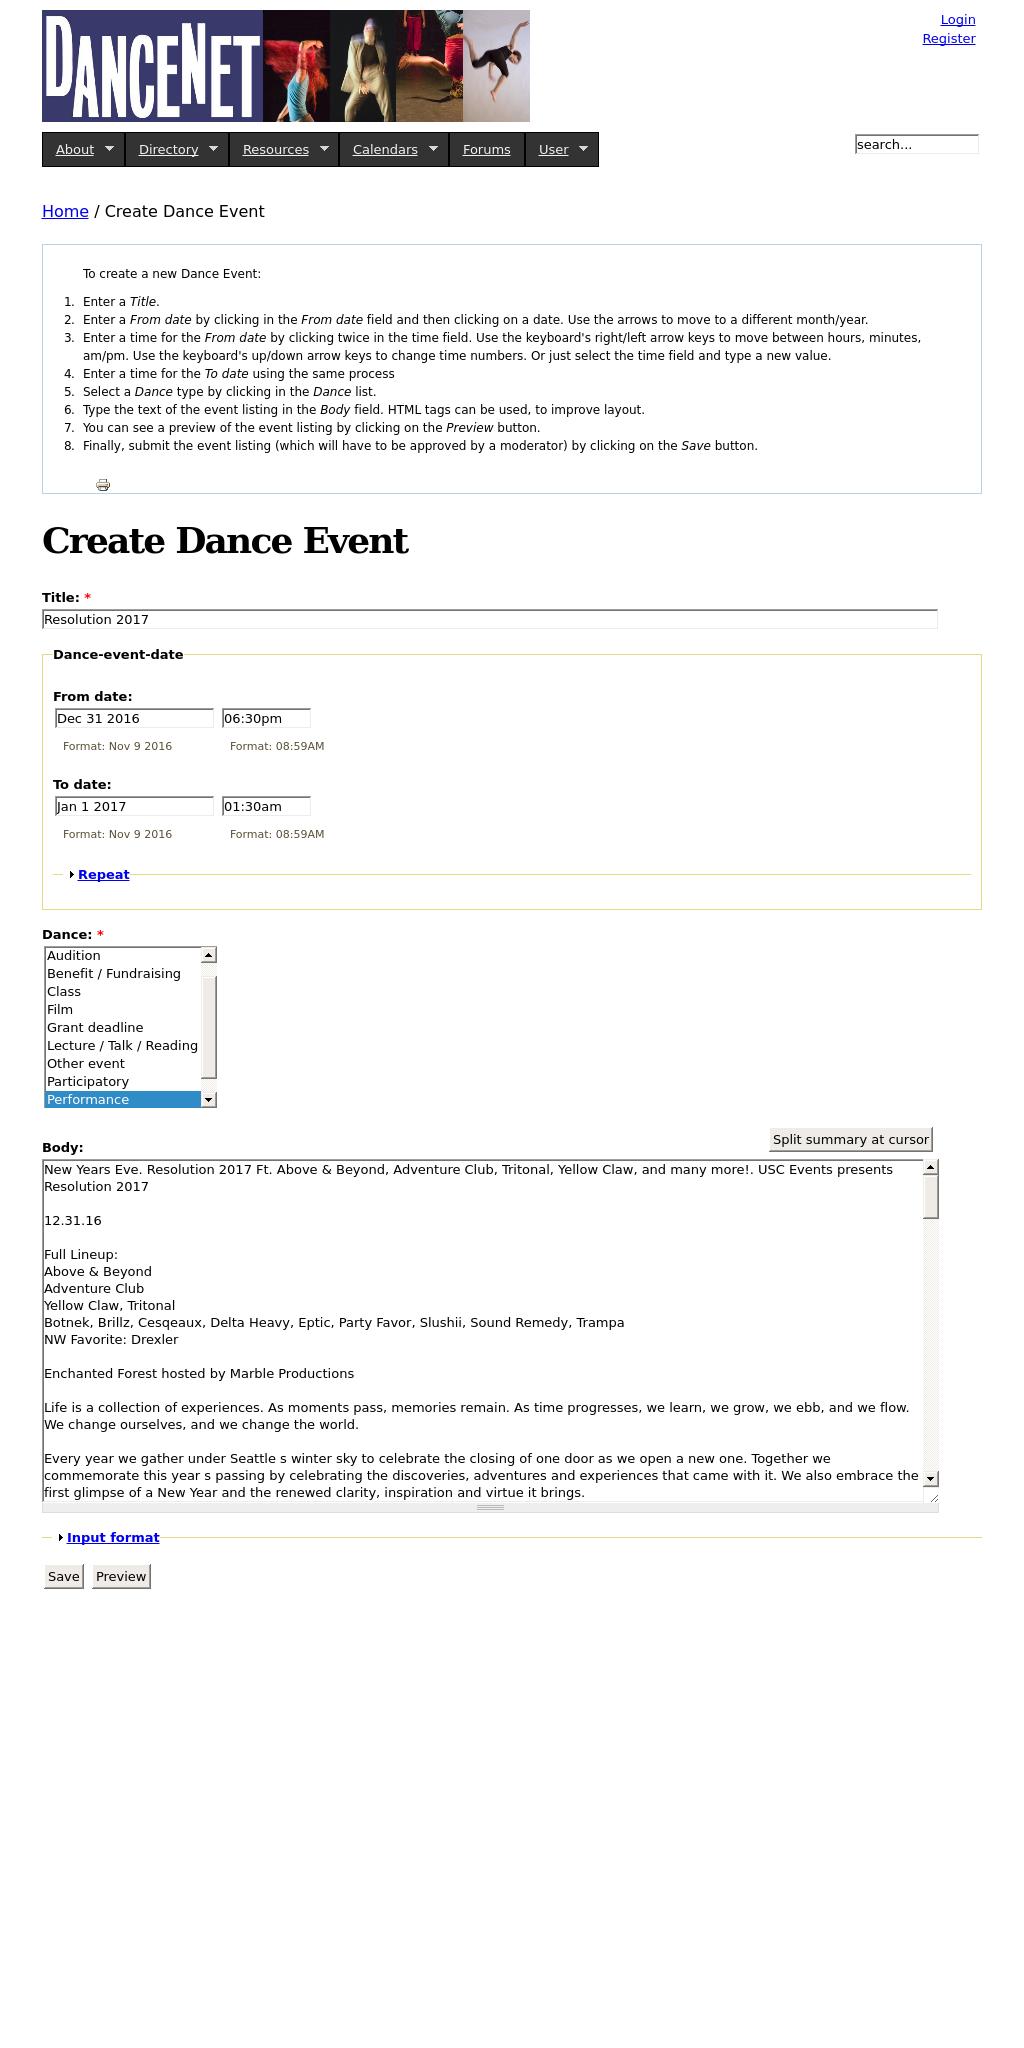 Screenshot from Seattle Dance Net integration